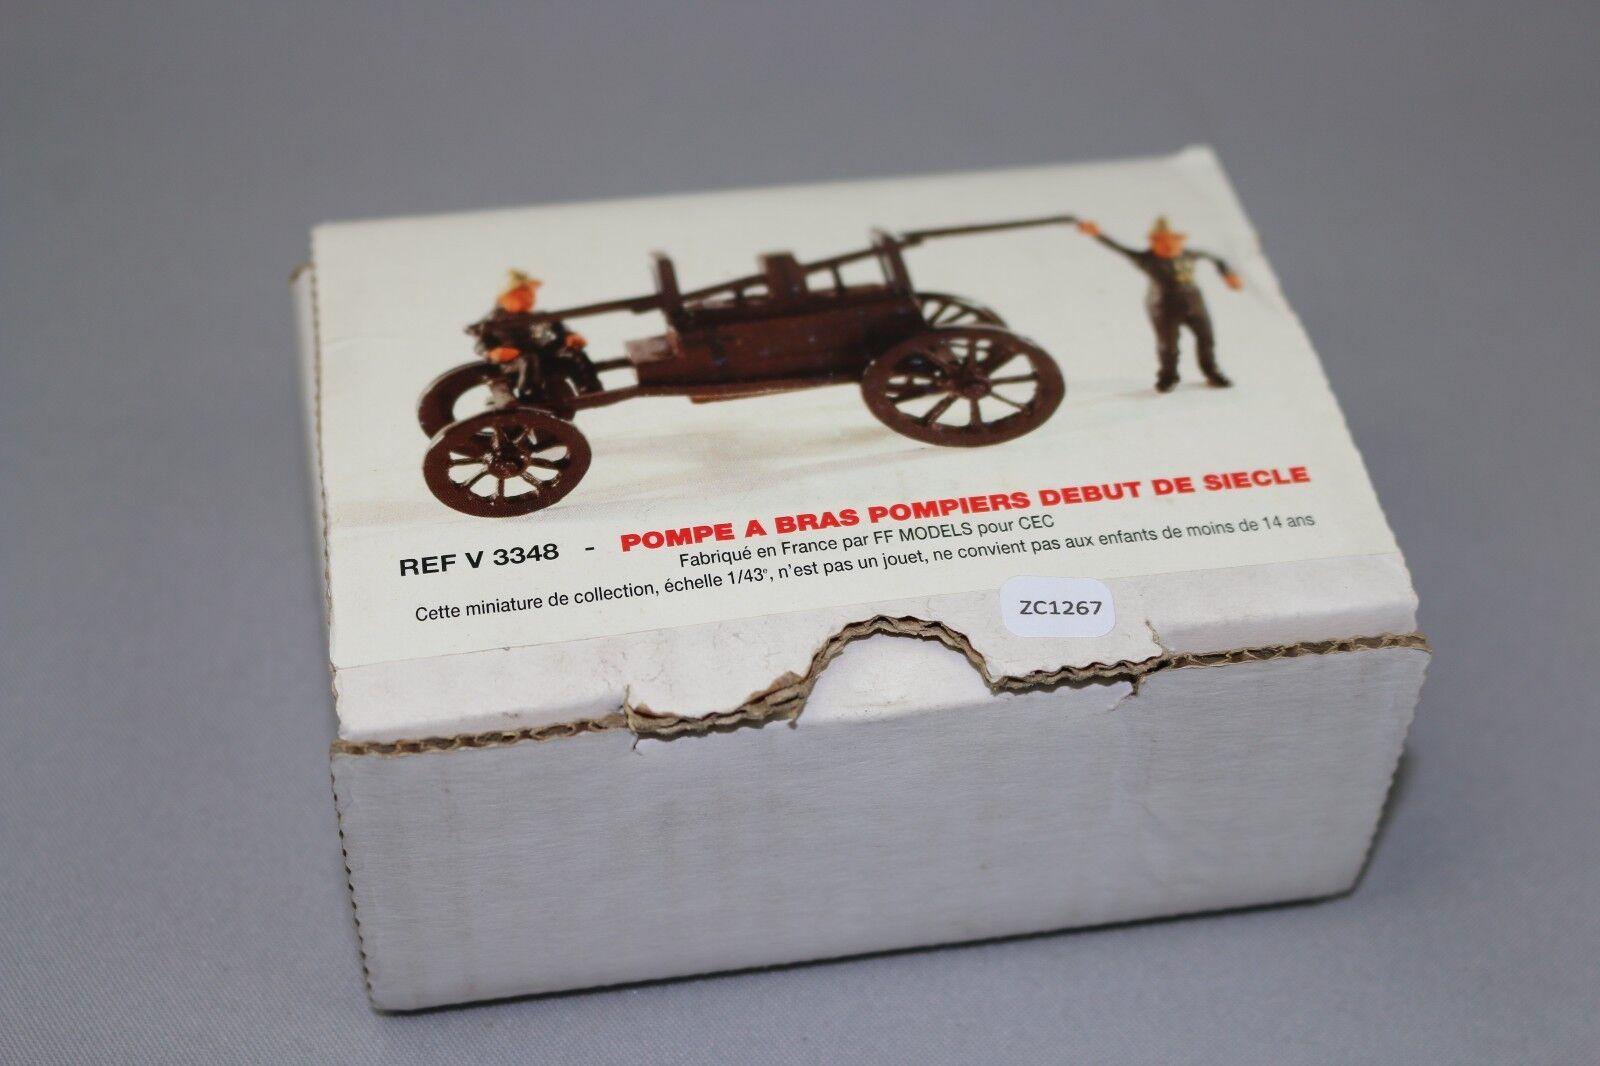 ZC1267 FF Models V3348 Figurines miniature pompiers 1/43 Pompe à bras 1900 | En Ligne